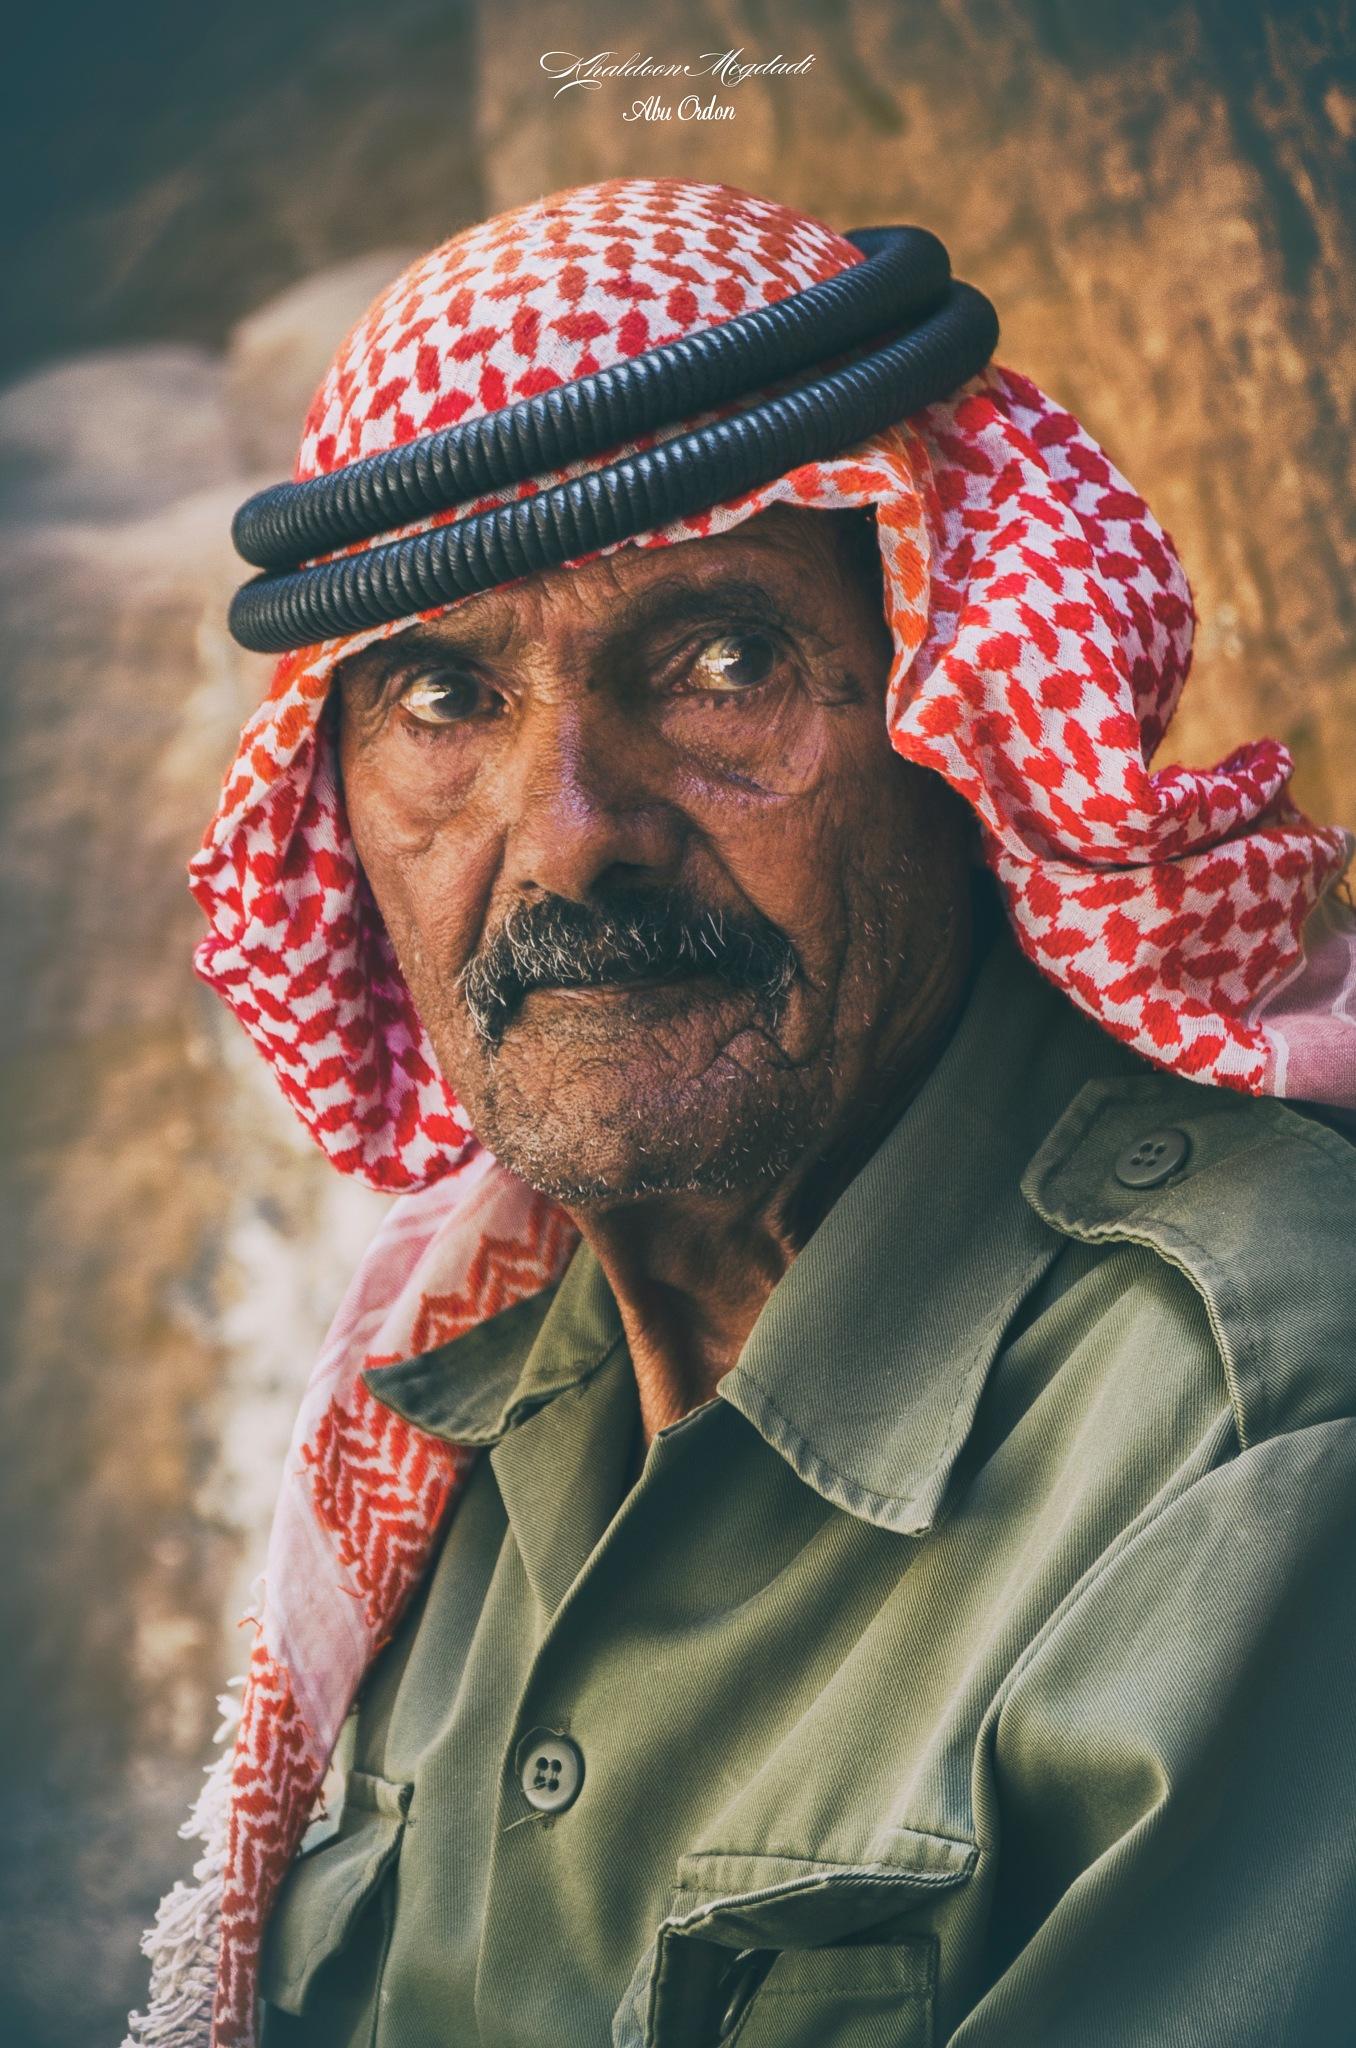 Details van het leven in het gezicht van een man by Abu Ordon